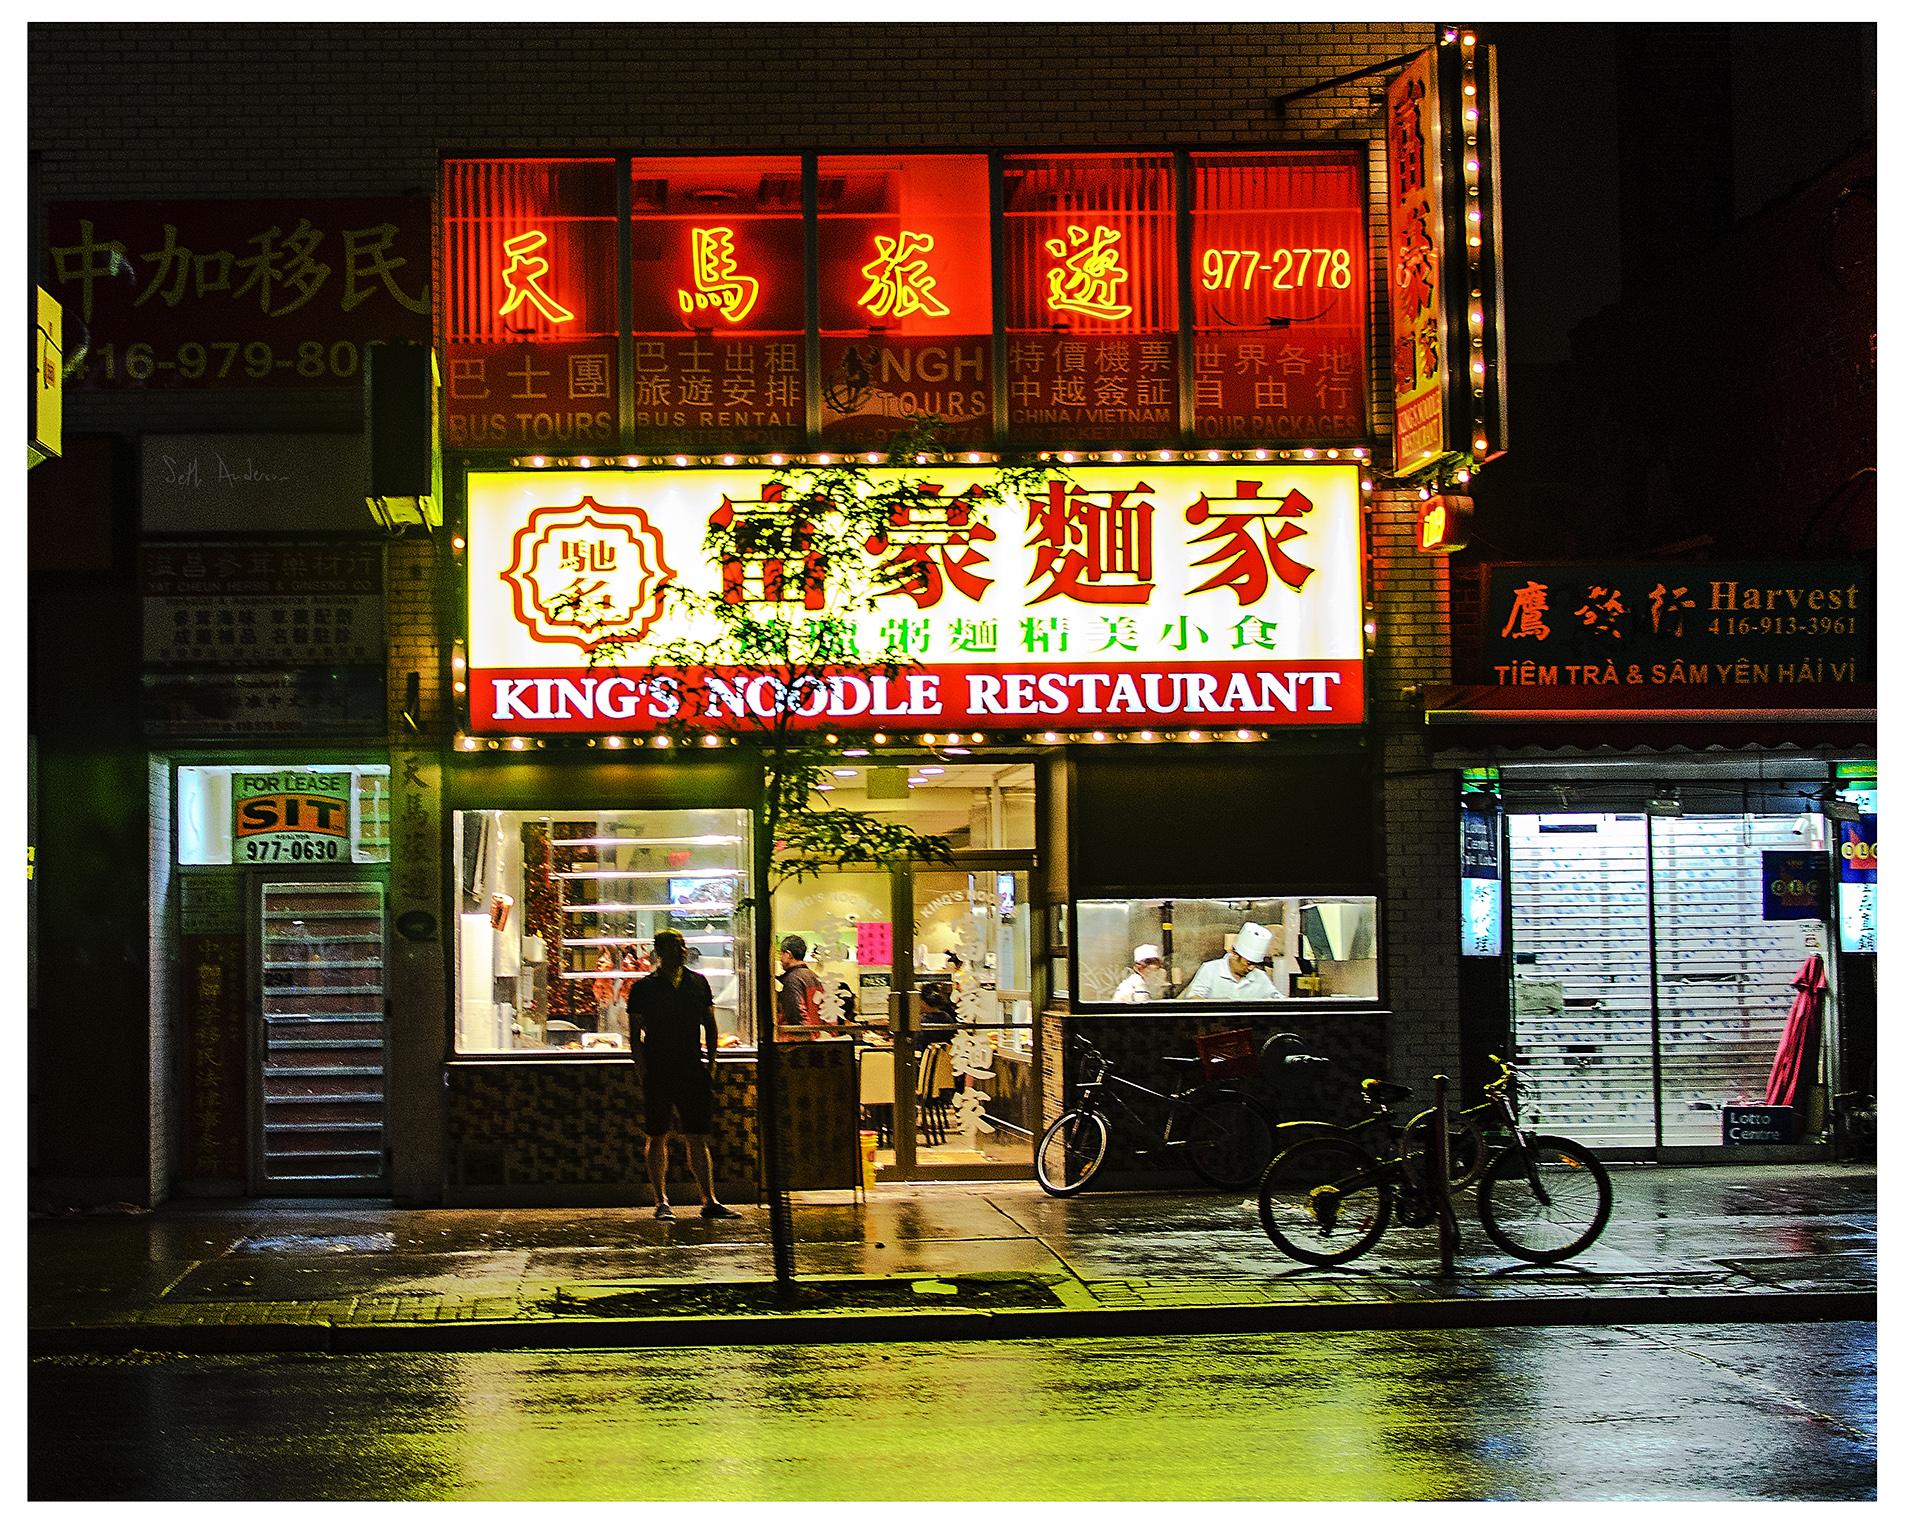 King's Noodle Restaurant